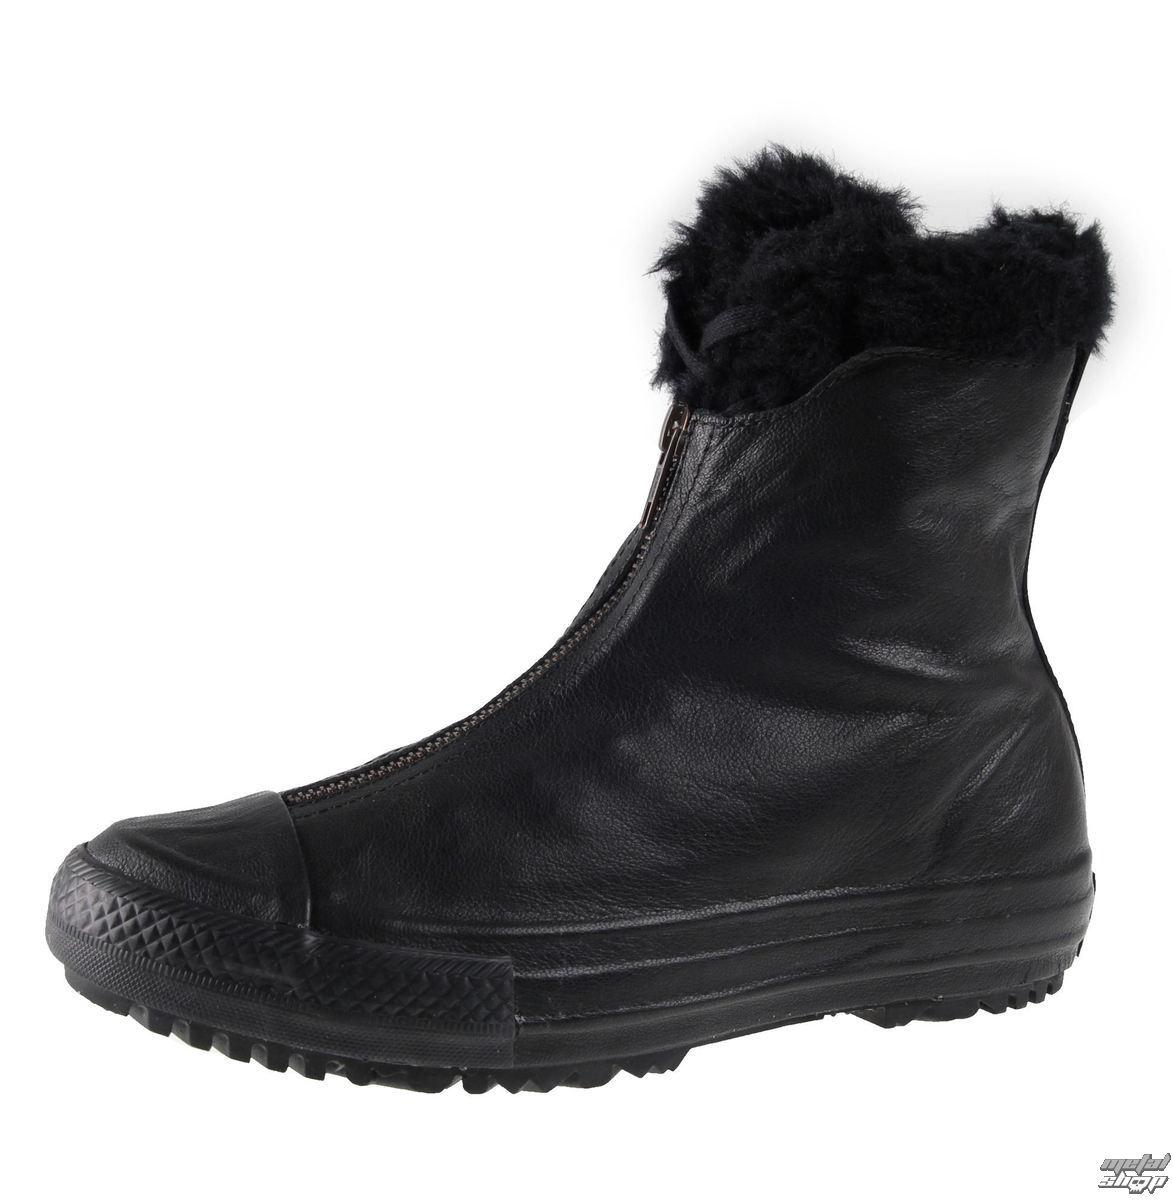 boty dámské zimní CONVERSE - CTAS Hi Rise Boot Shroud - BLK/BLK/BLK - C553350